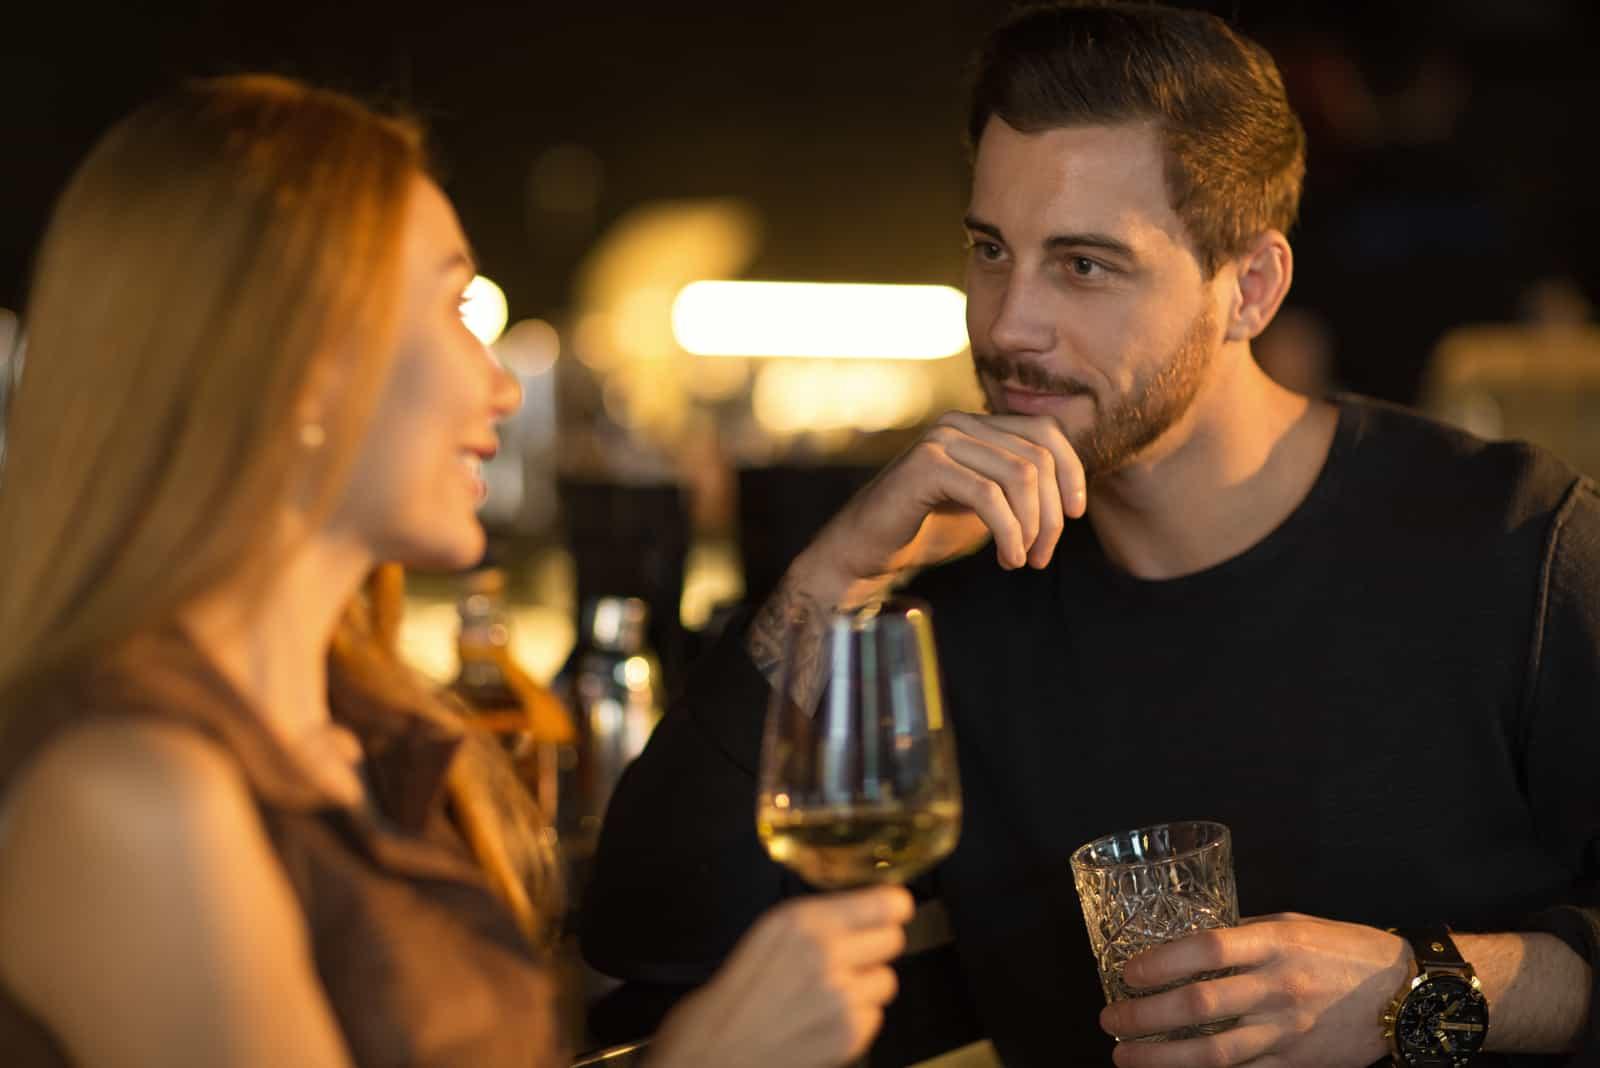 ein Mann und eine Frau trinken Wein und reden